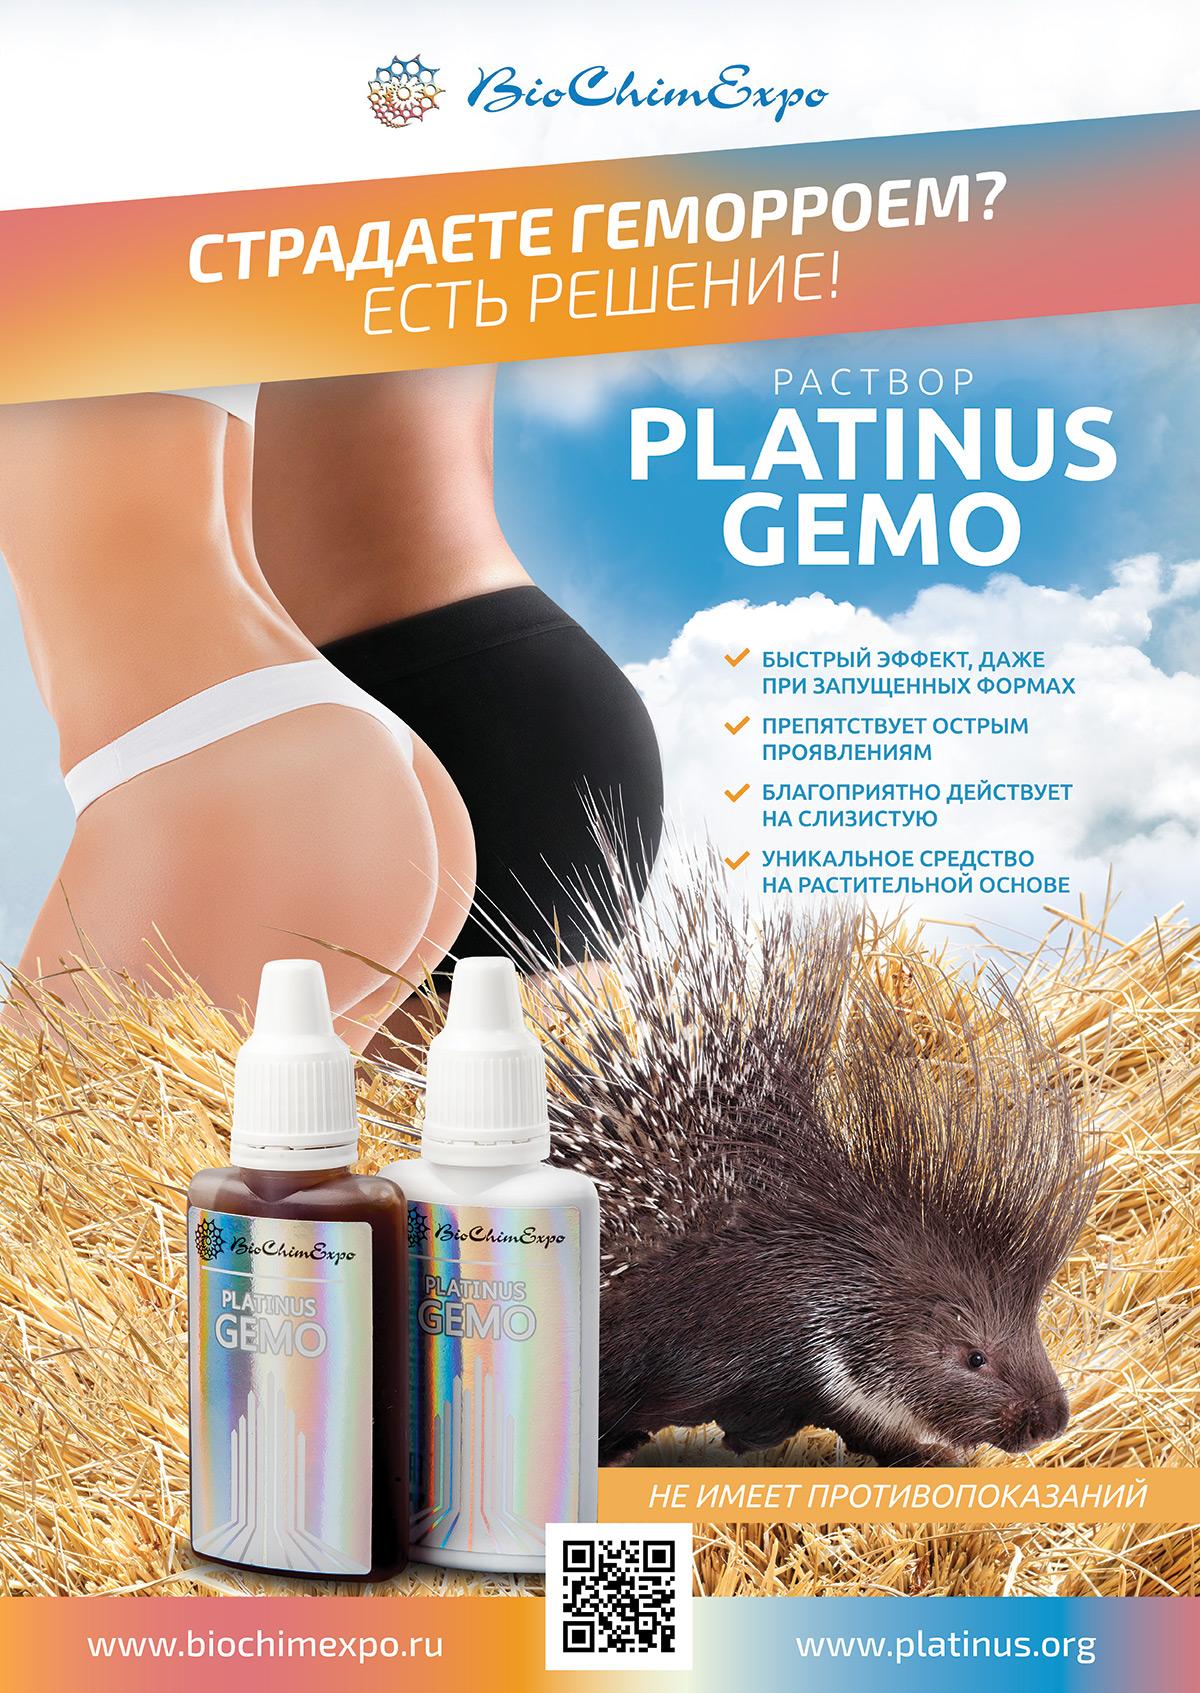 Platinus gemo раствор от геморроя цена